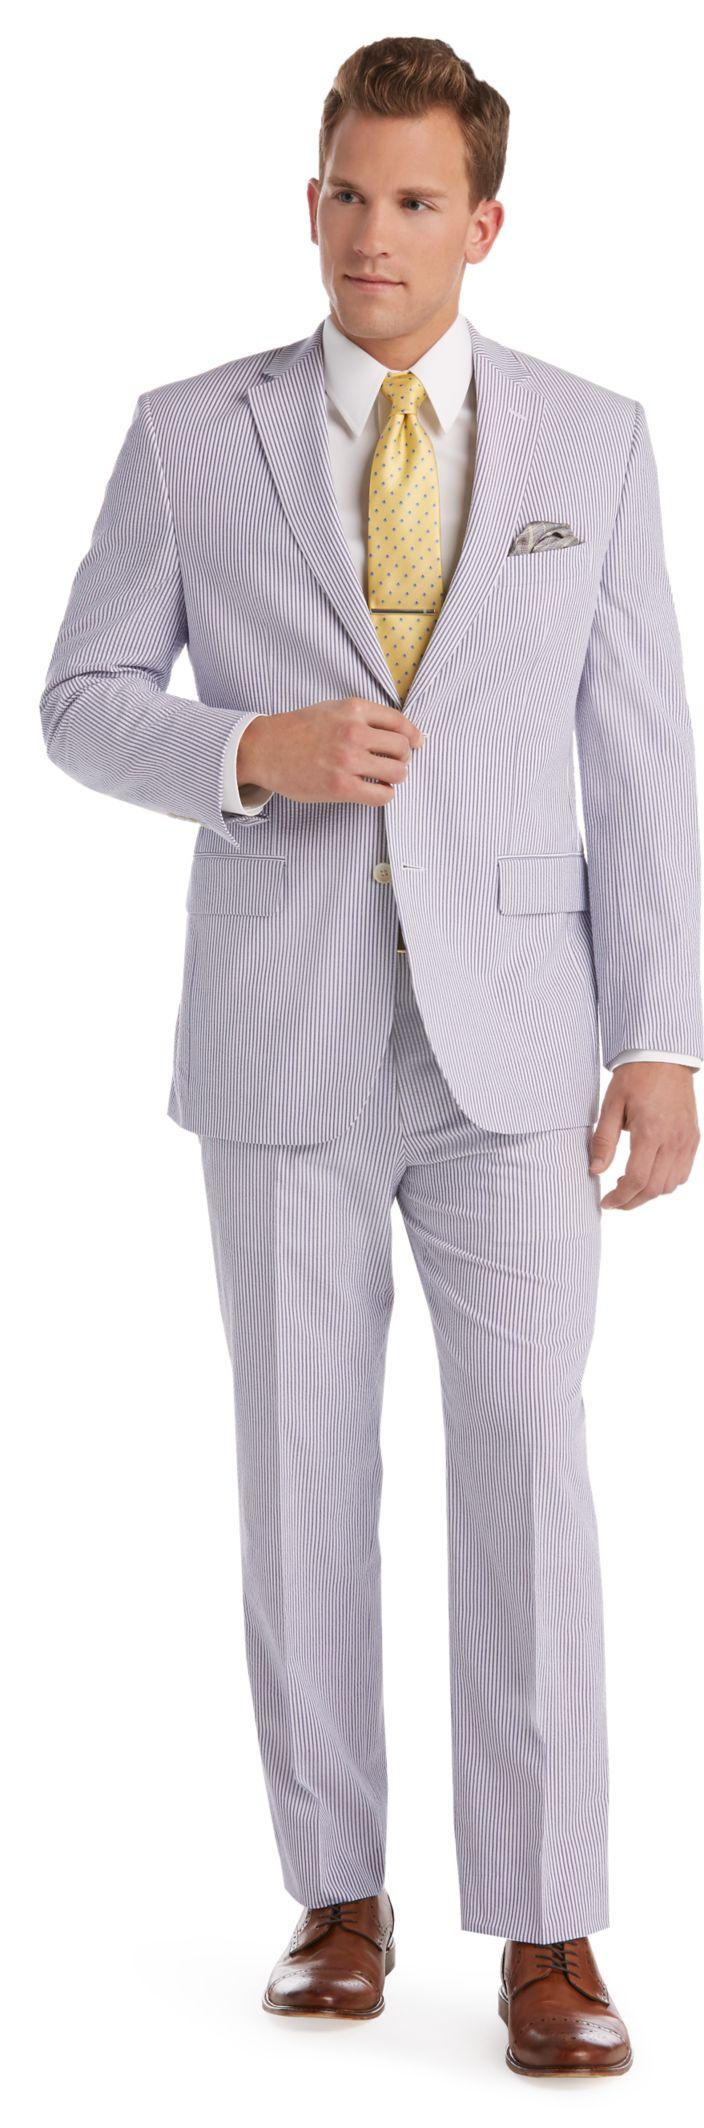 Tropical Blend Suits | Men's Suits | JoS. A. Bank Clothiers